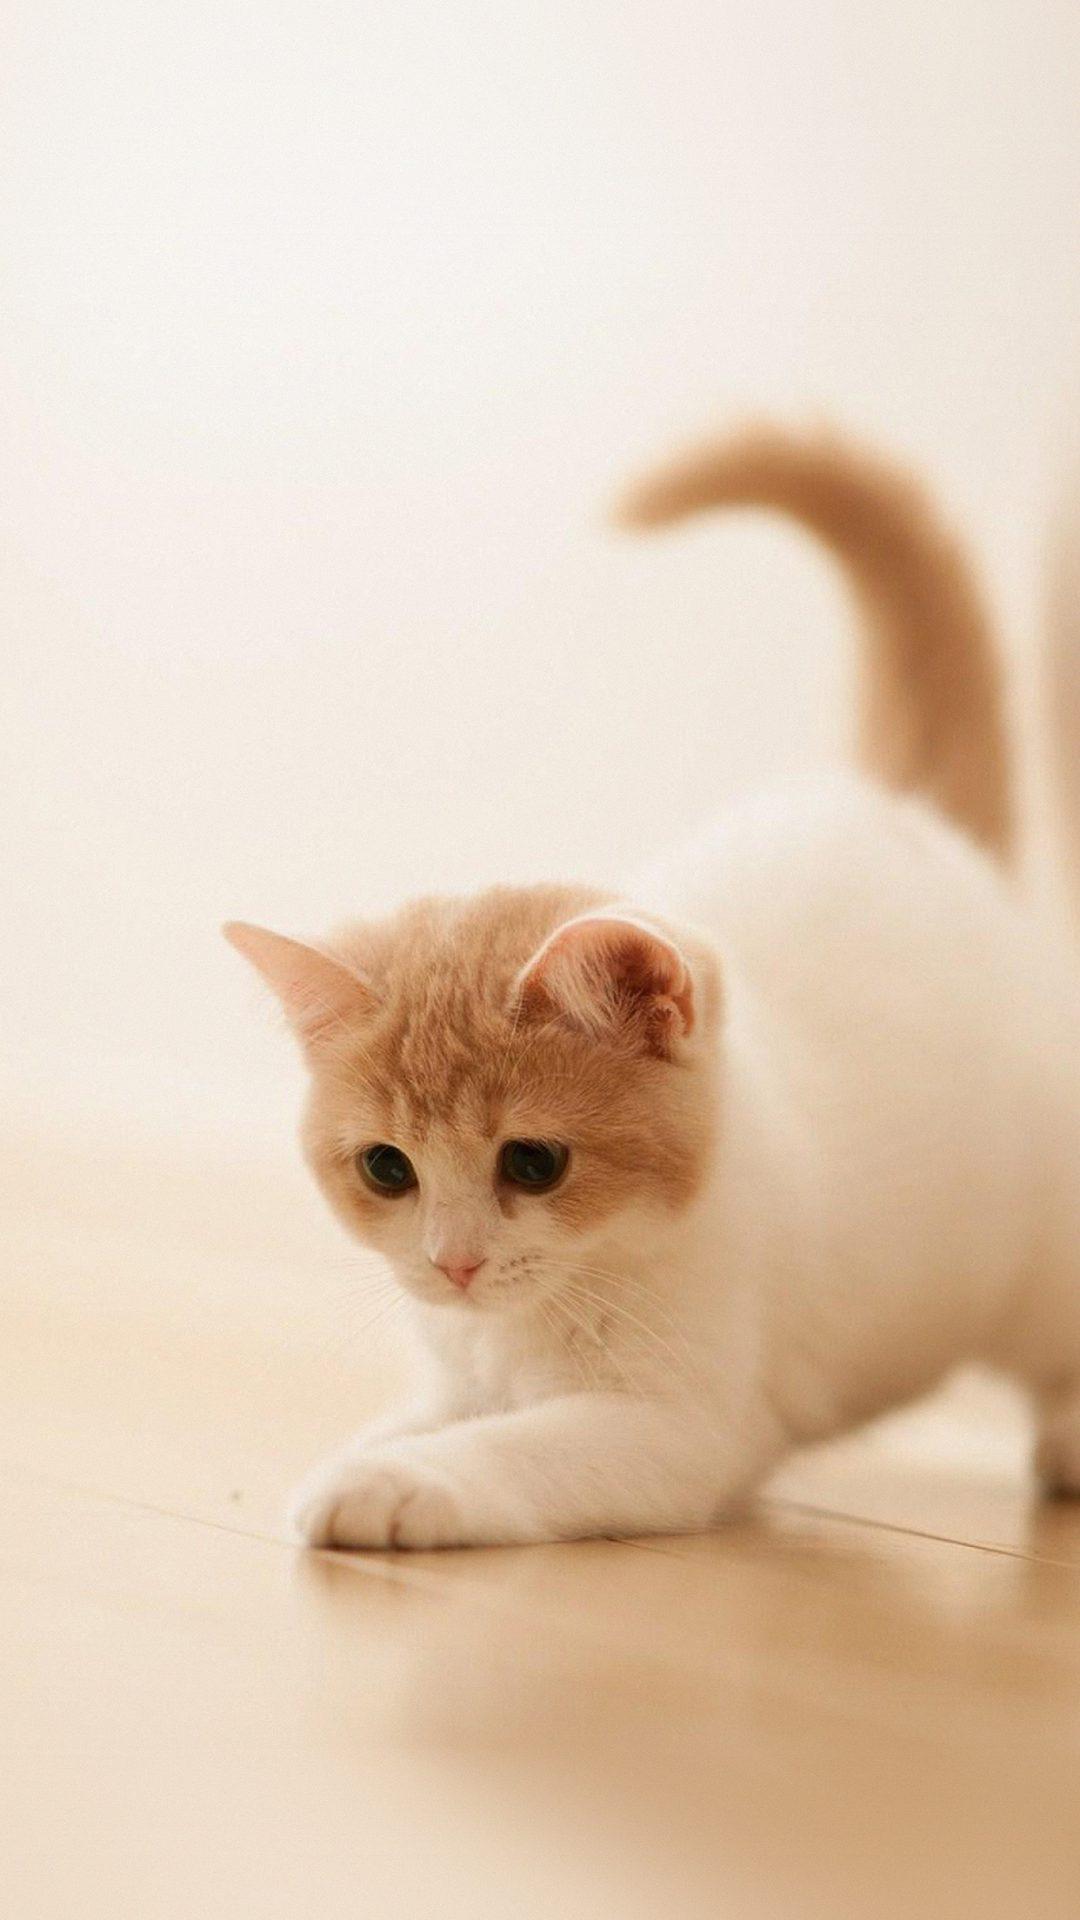 Cute Cat Kitten Animal